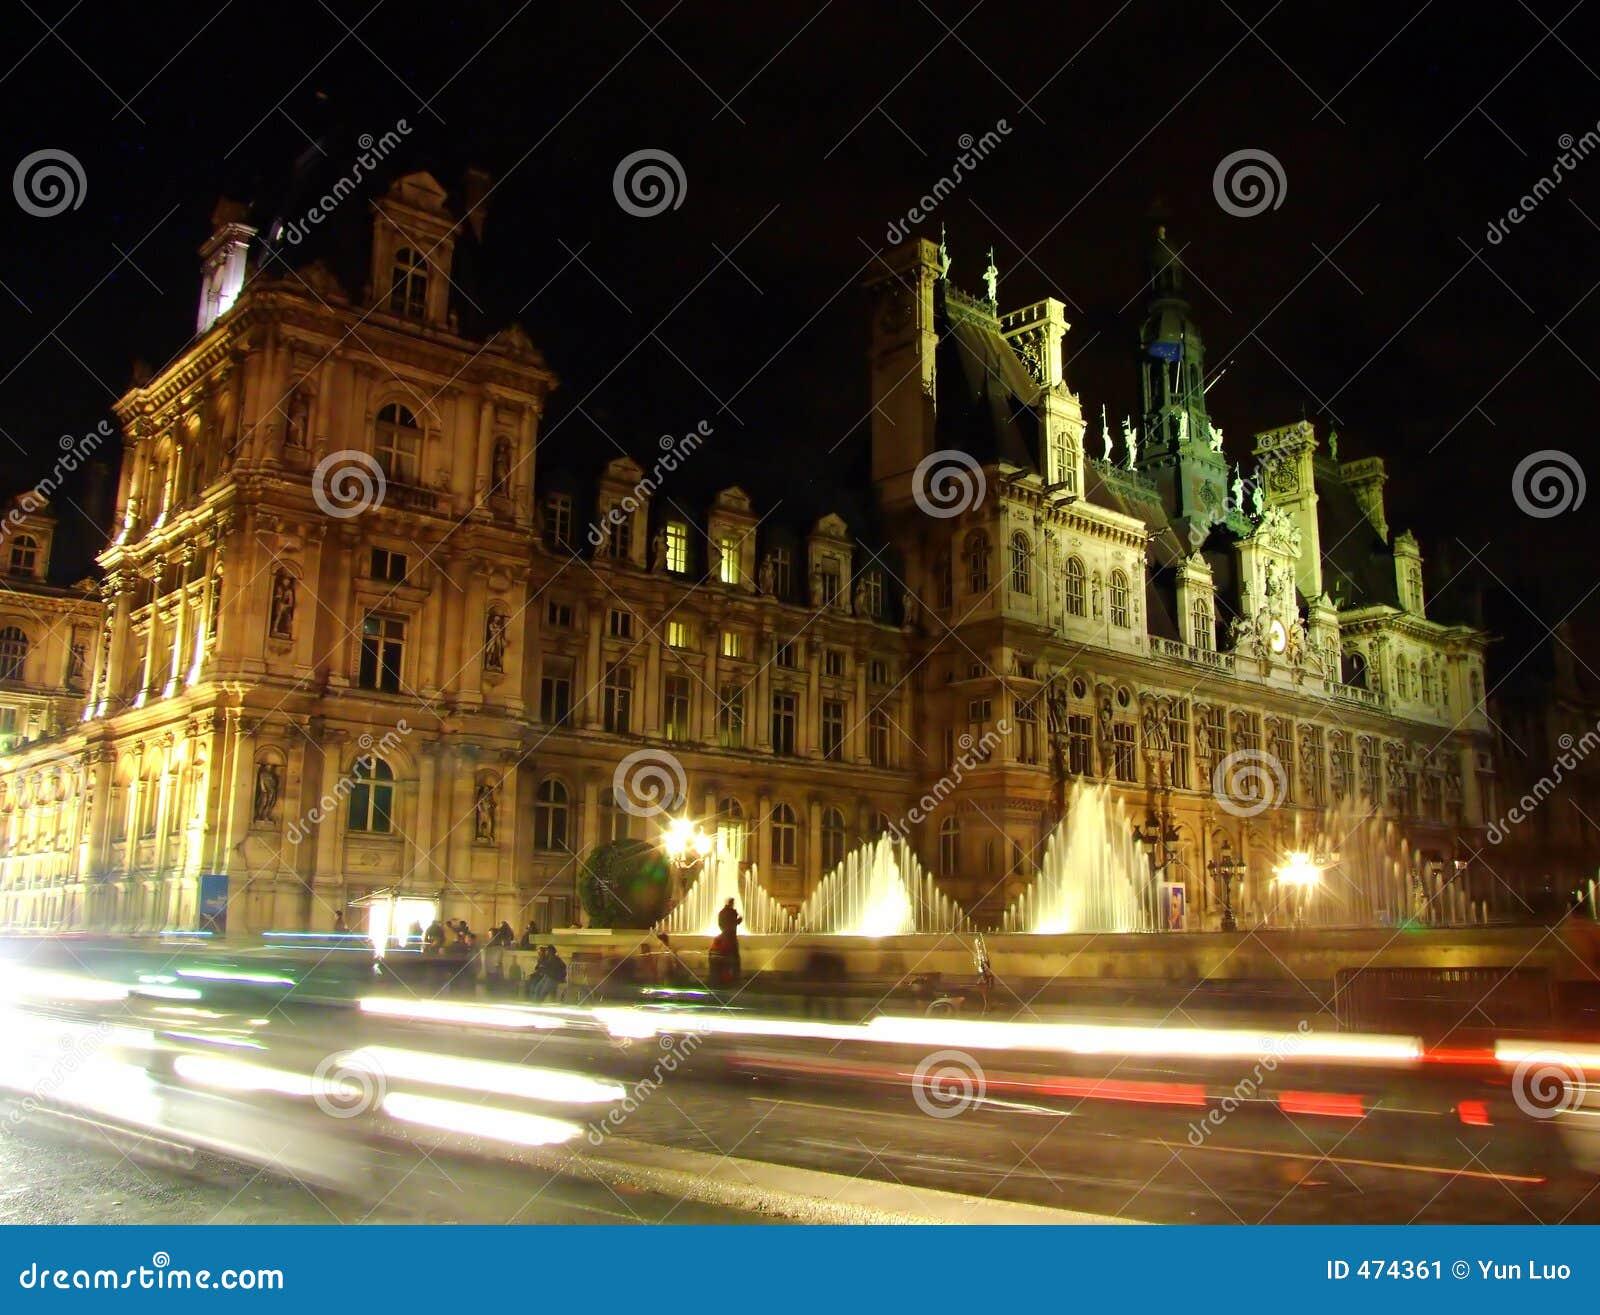 Hotel de ville de París (ayuntamiento)